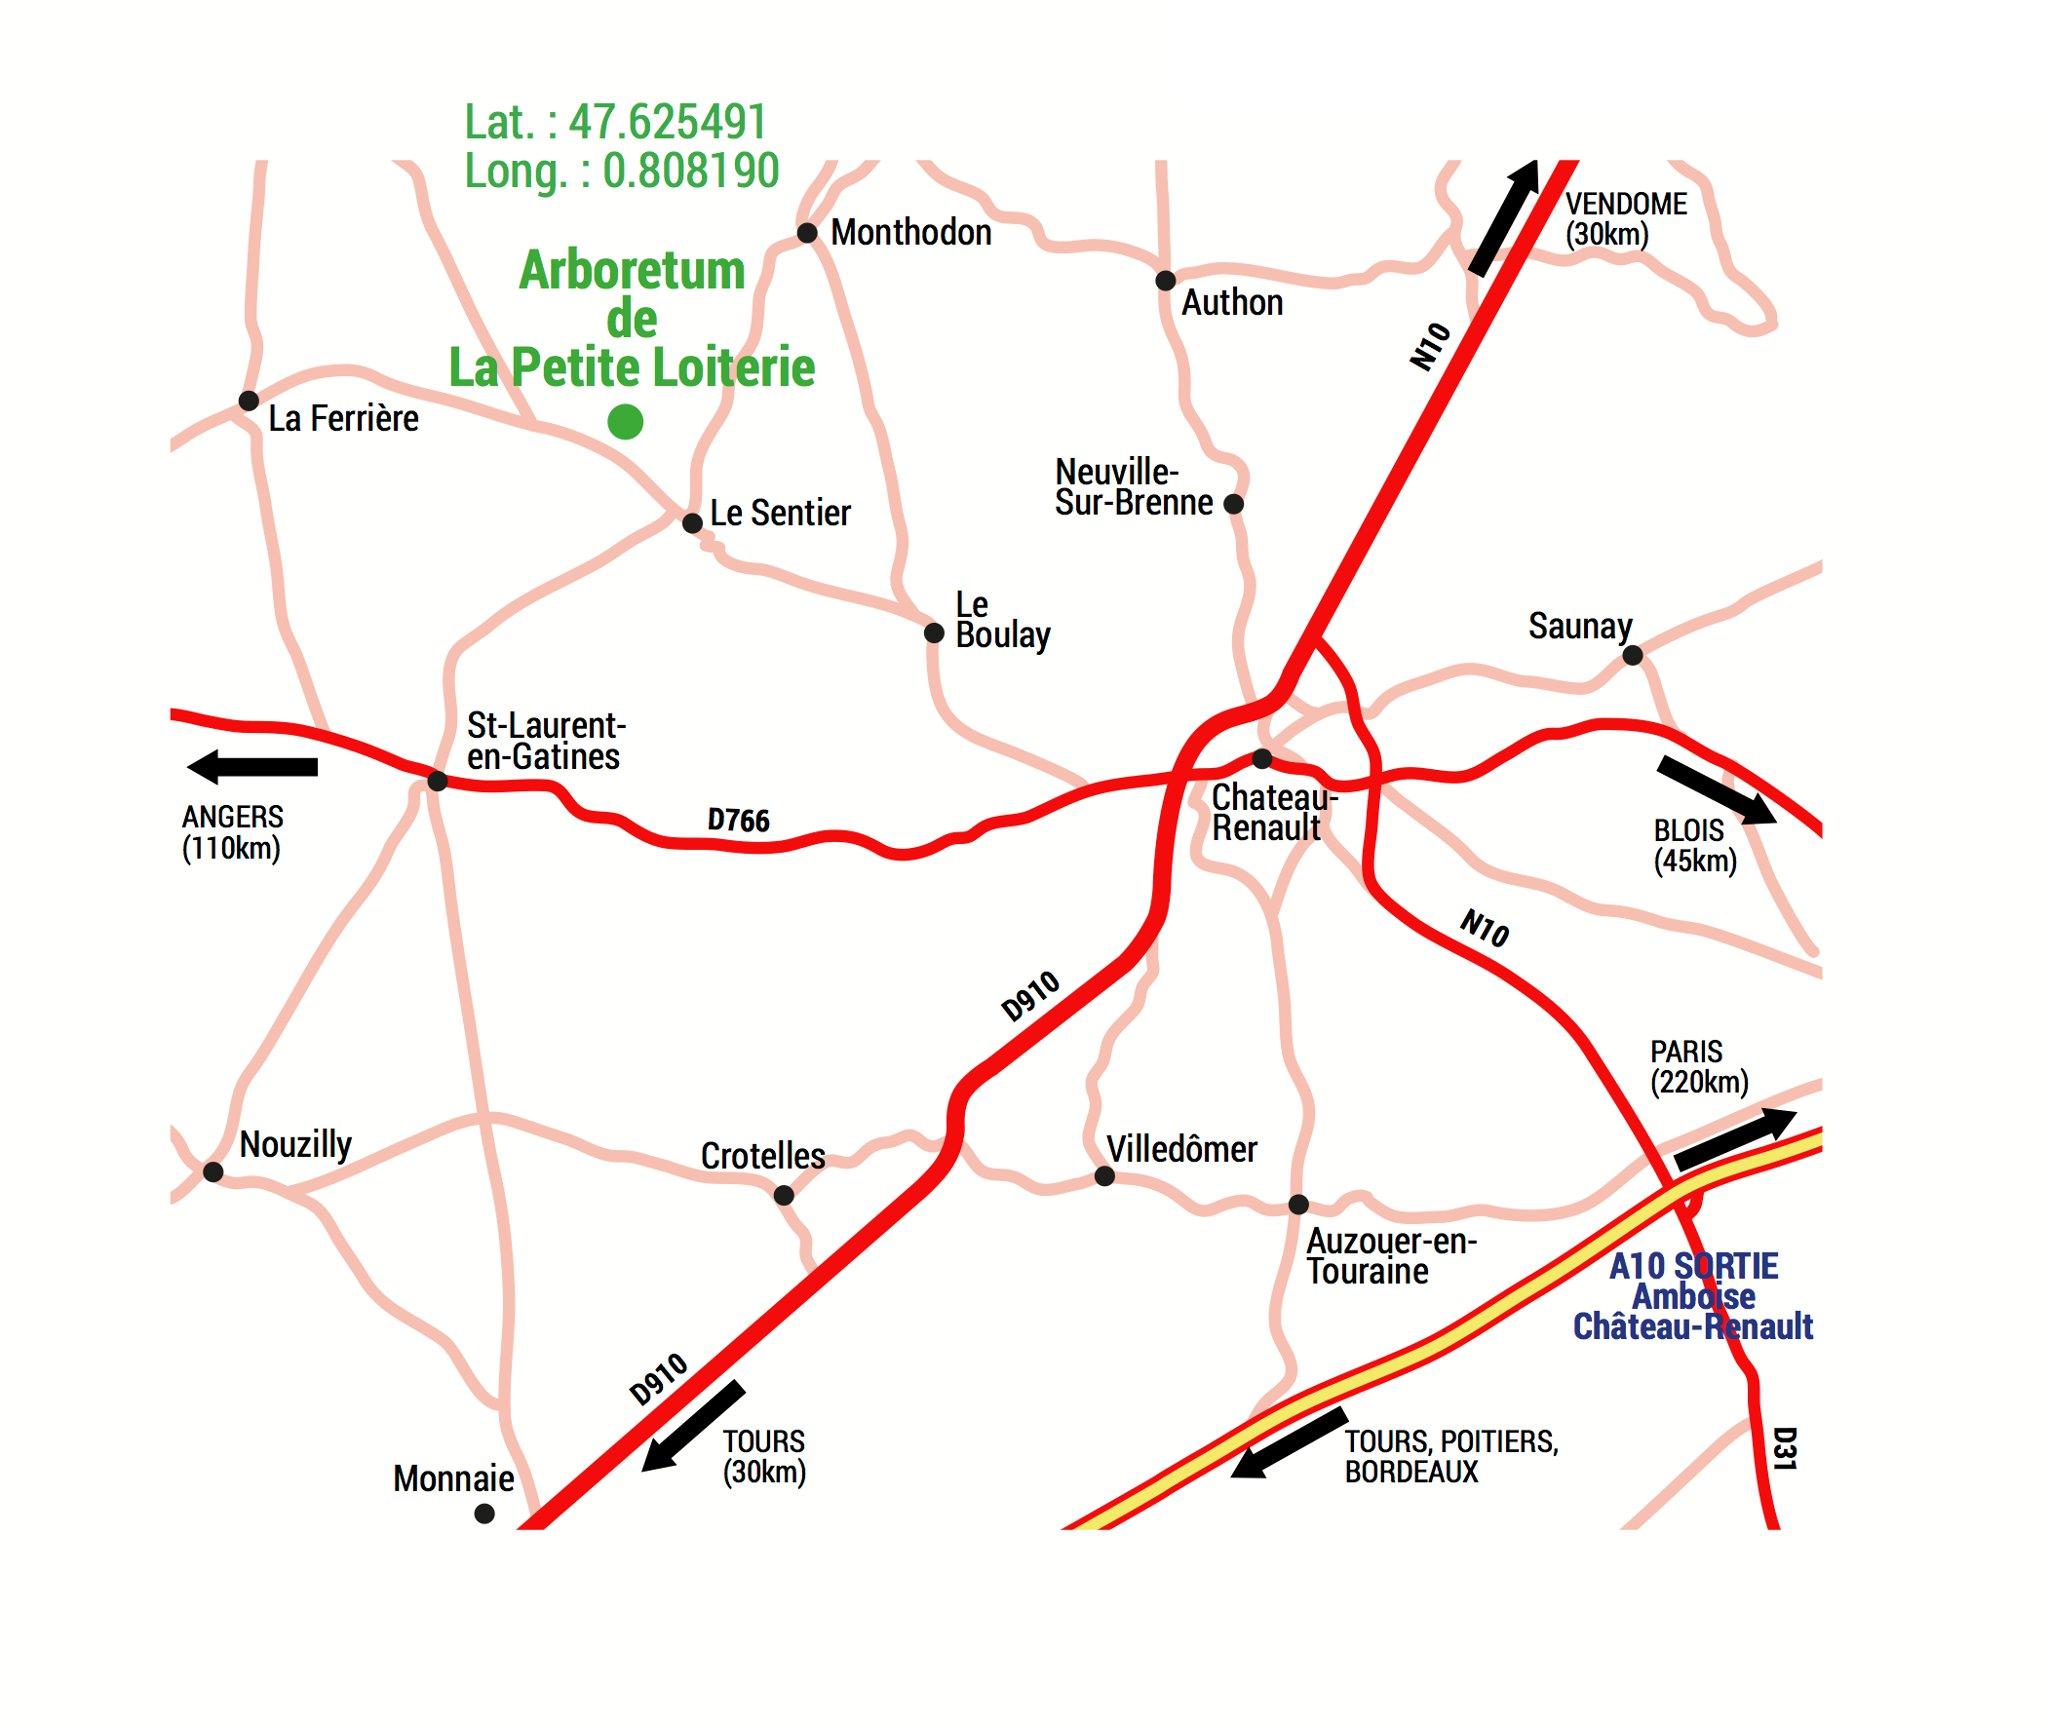 Carte de situation - latitude : 47.625491 ; longitude : 0.808190